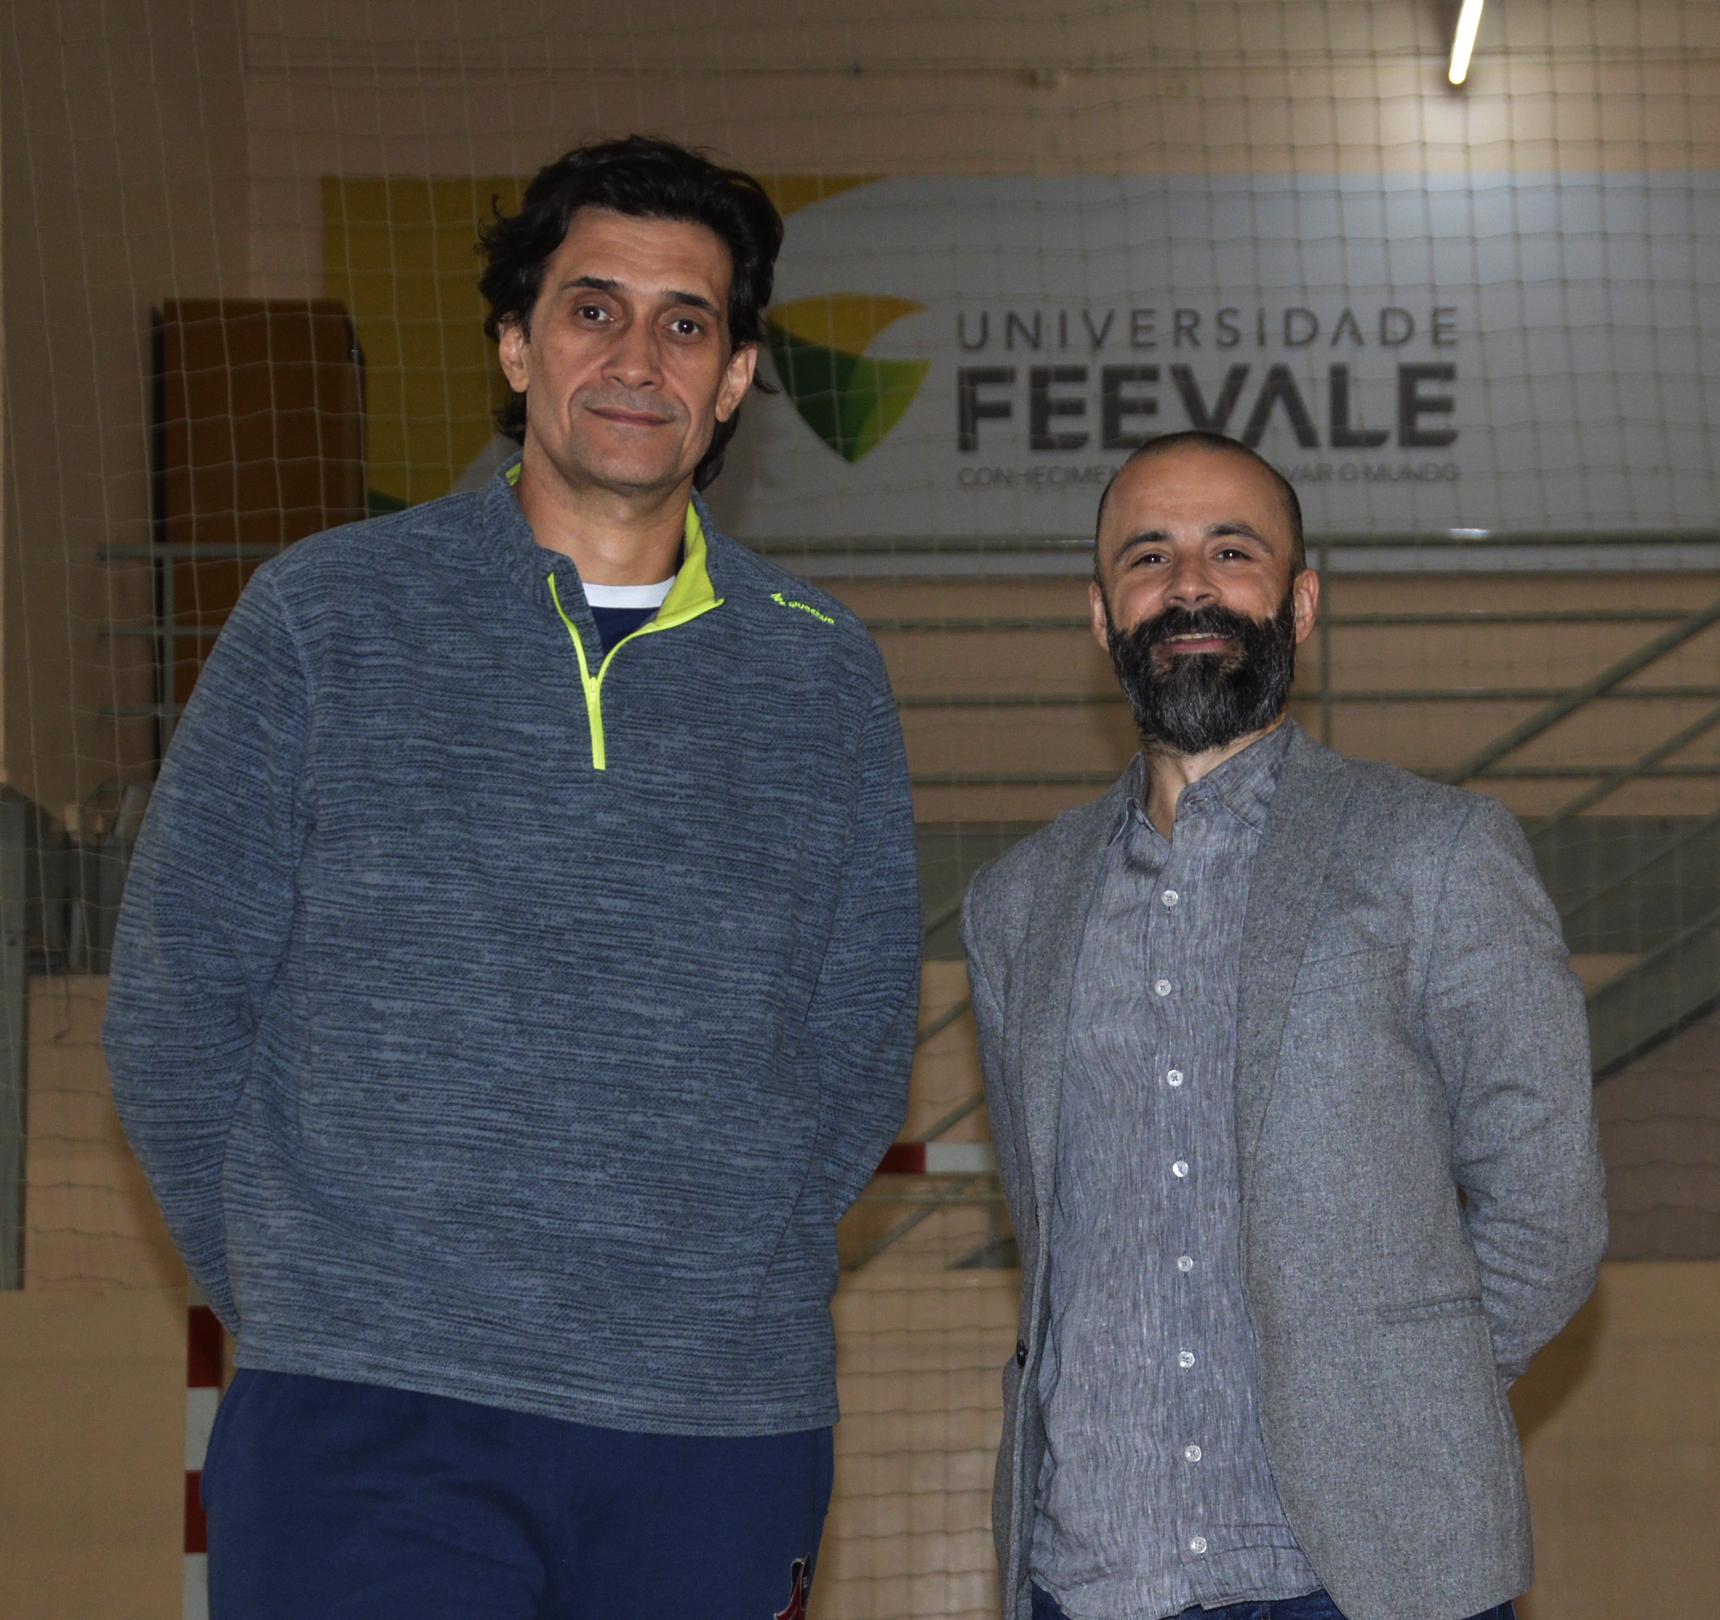 Fernandão foi apresentado pelo gestor do Programa Esporte Universitário da Feevale, Marcelo Curth